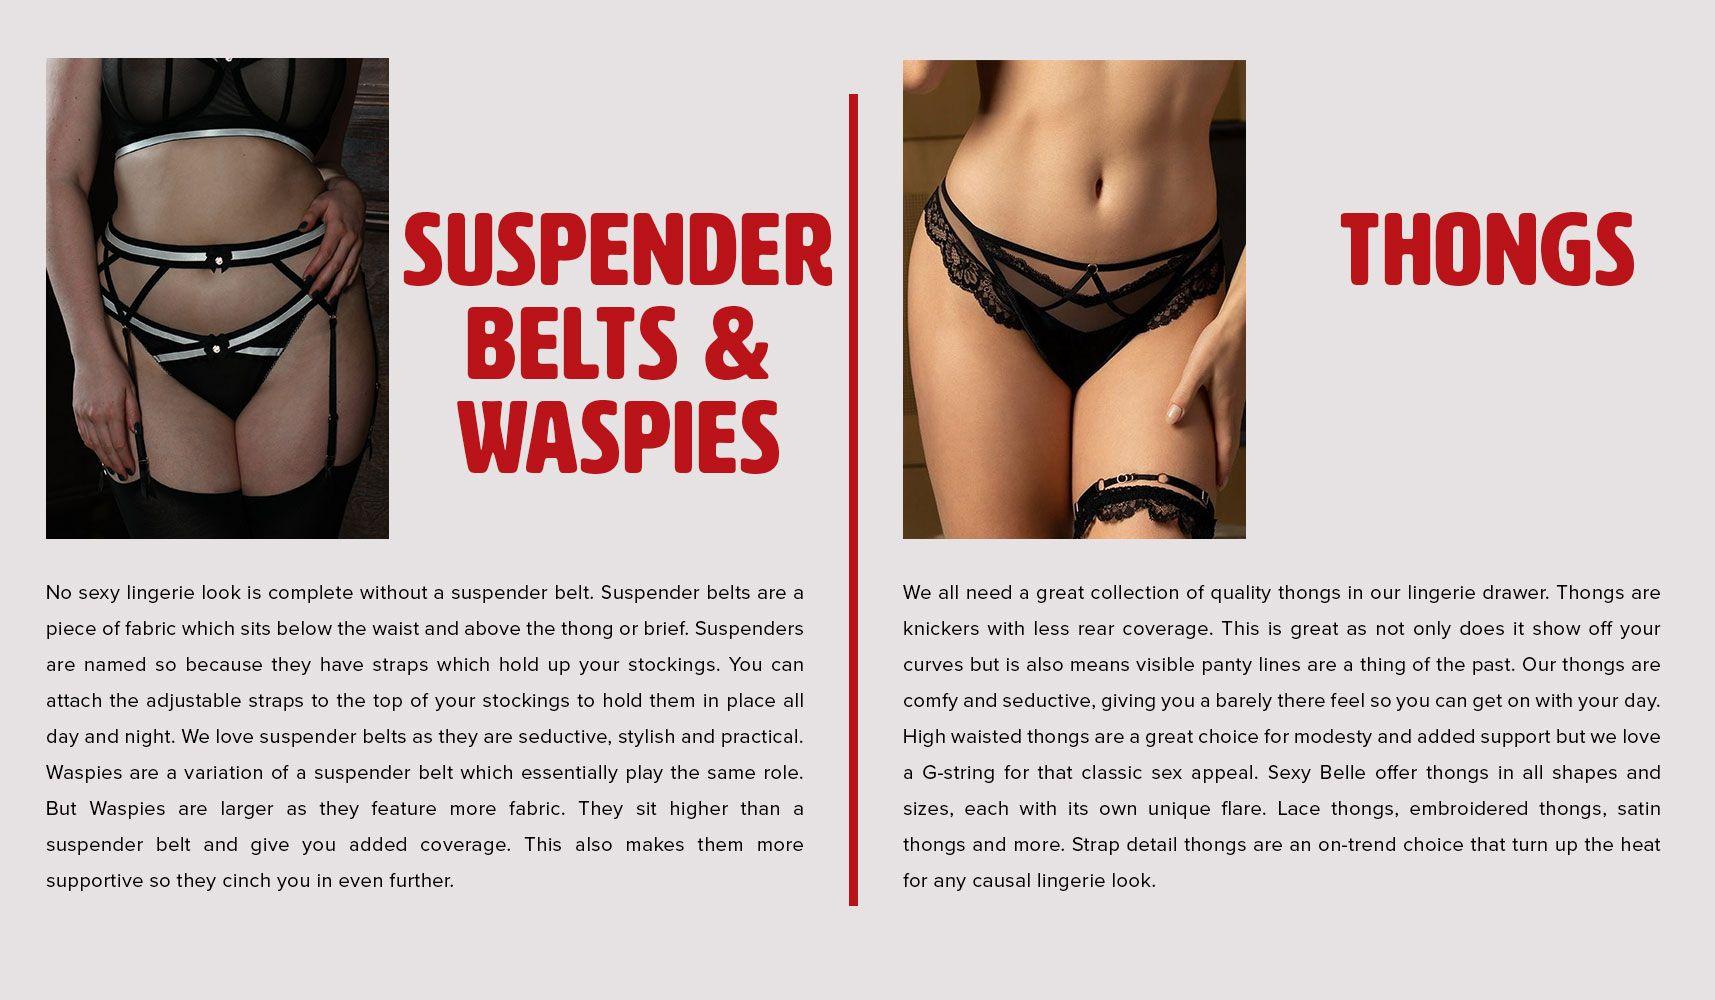 suspender belt thongs